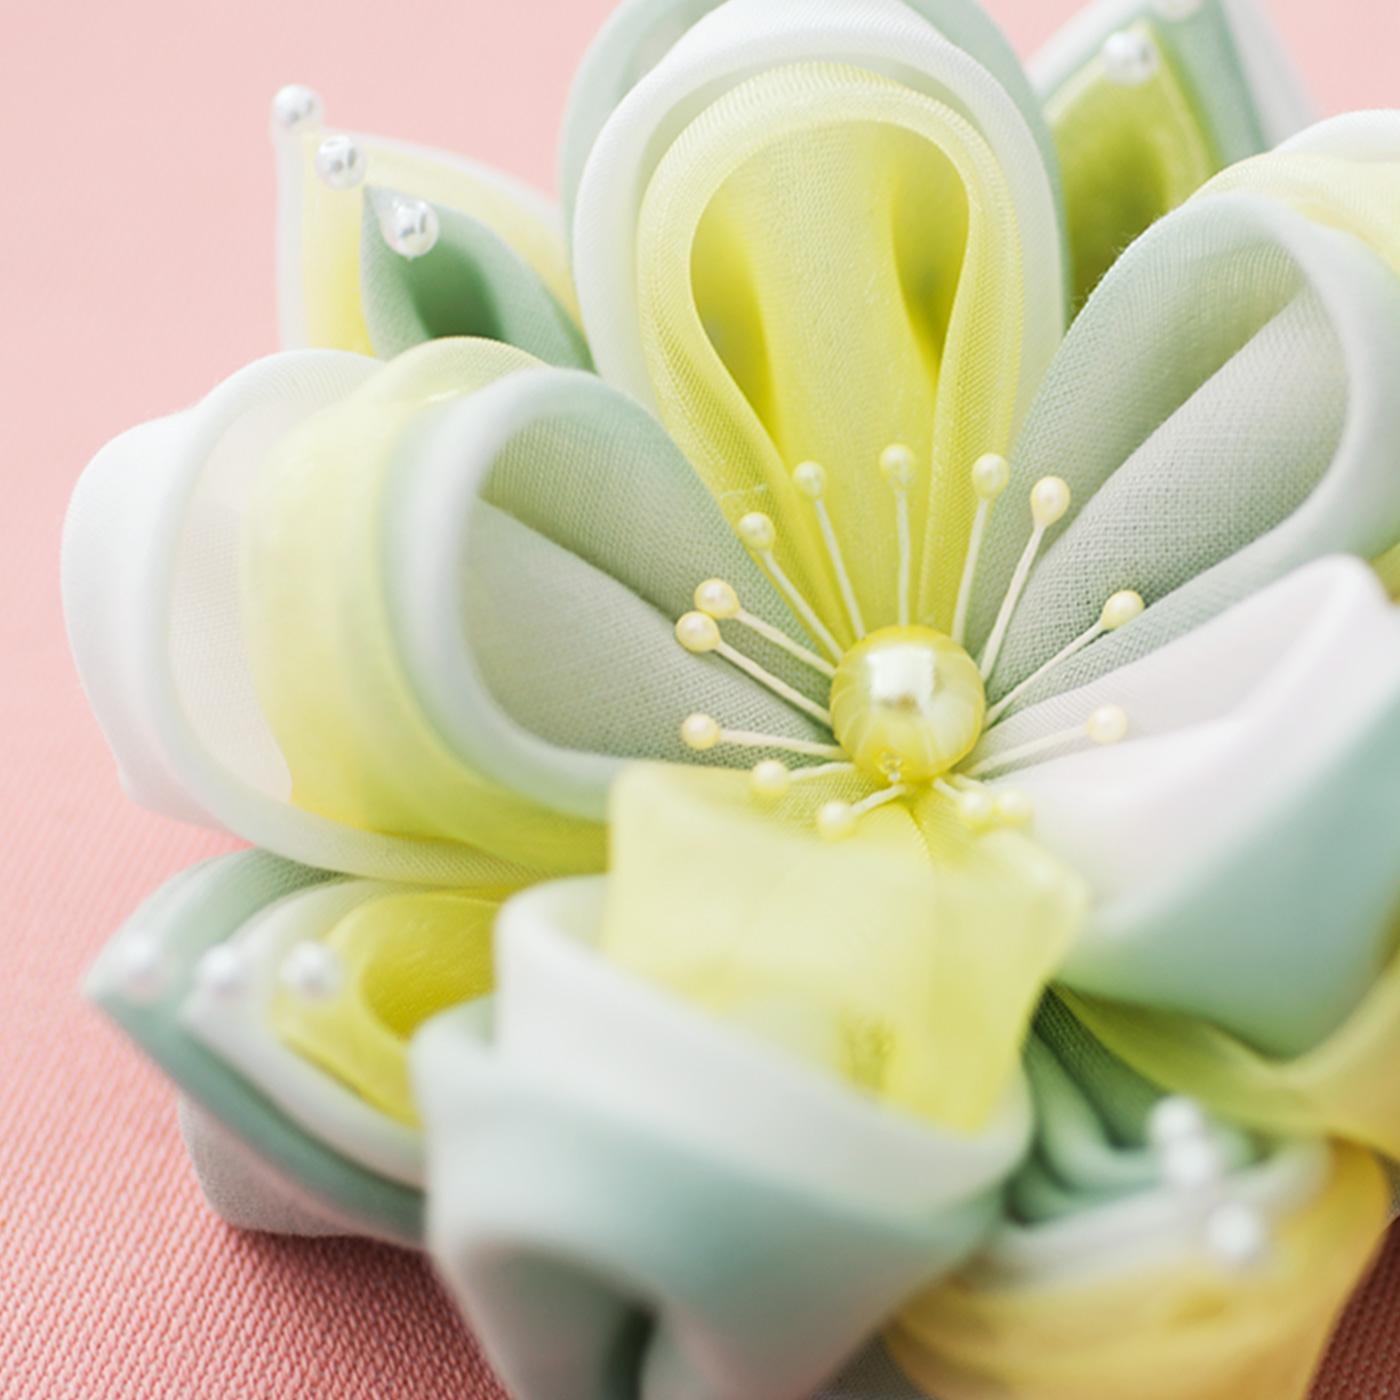 ナイロン、レーヨン、コットンなどさまざまな素材を組み合わせるので、光沢や透け感も多様で豊かな表情。